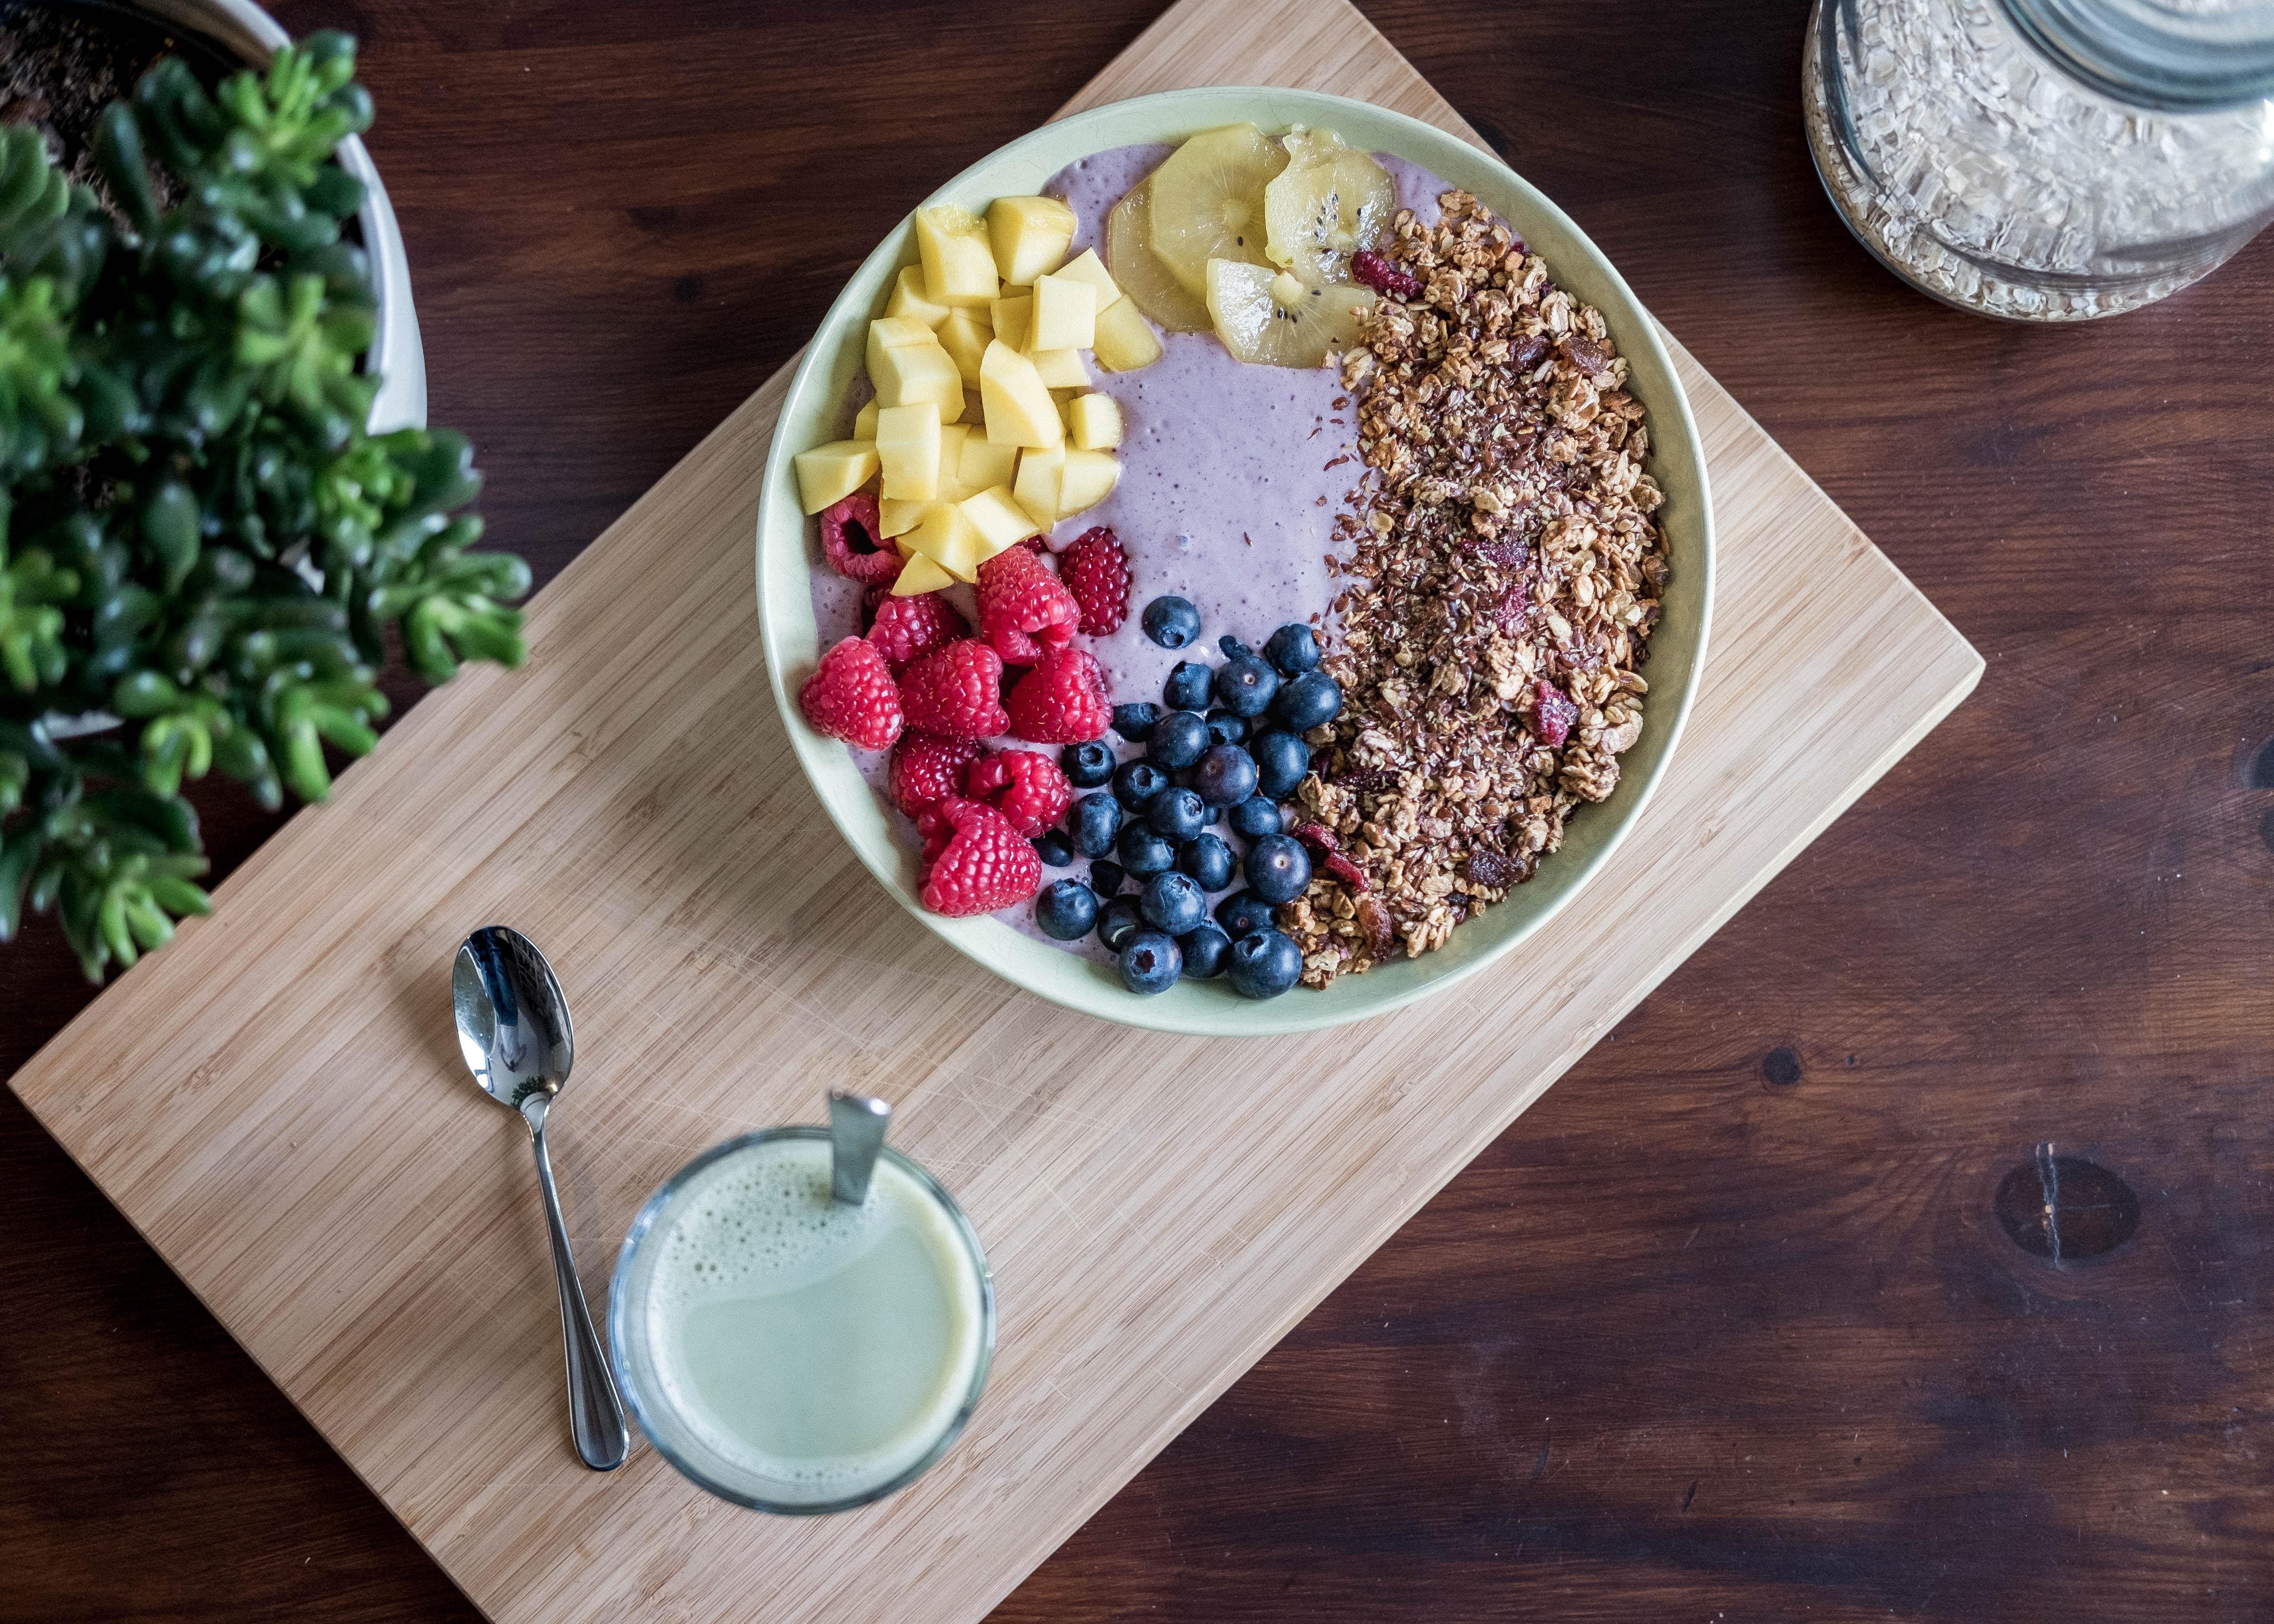 Gesunde Ernährung Obst Gemüse Diät Abnehmen Gesundheits-Challenge